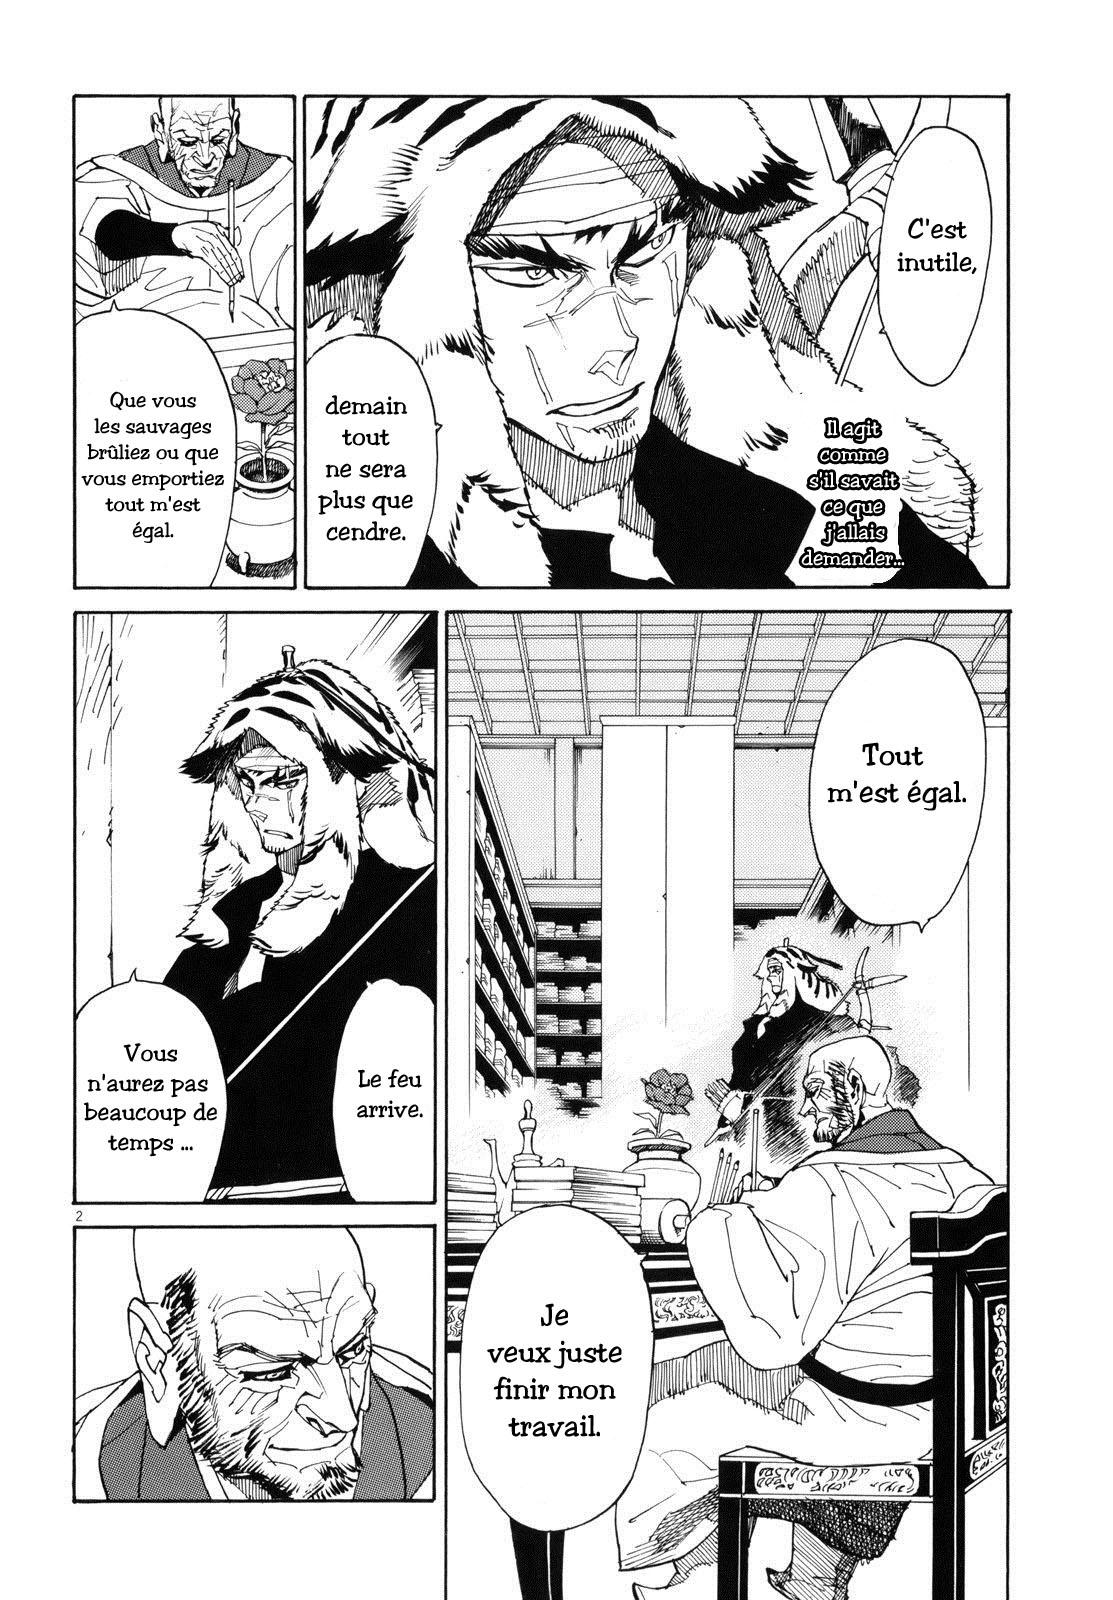 https://nine.mangadogs.com/fr_manga/pic1/30/1118/48296/ShutHell24VF_1_414.jpg Page 2